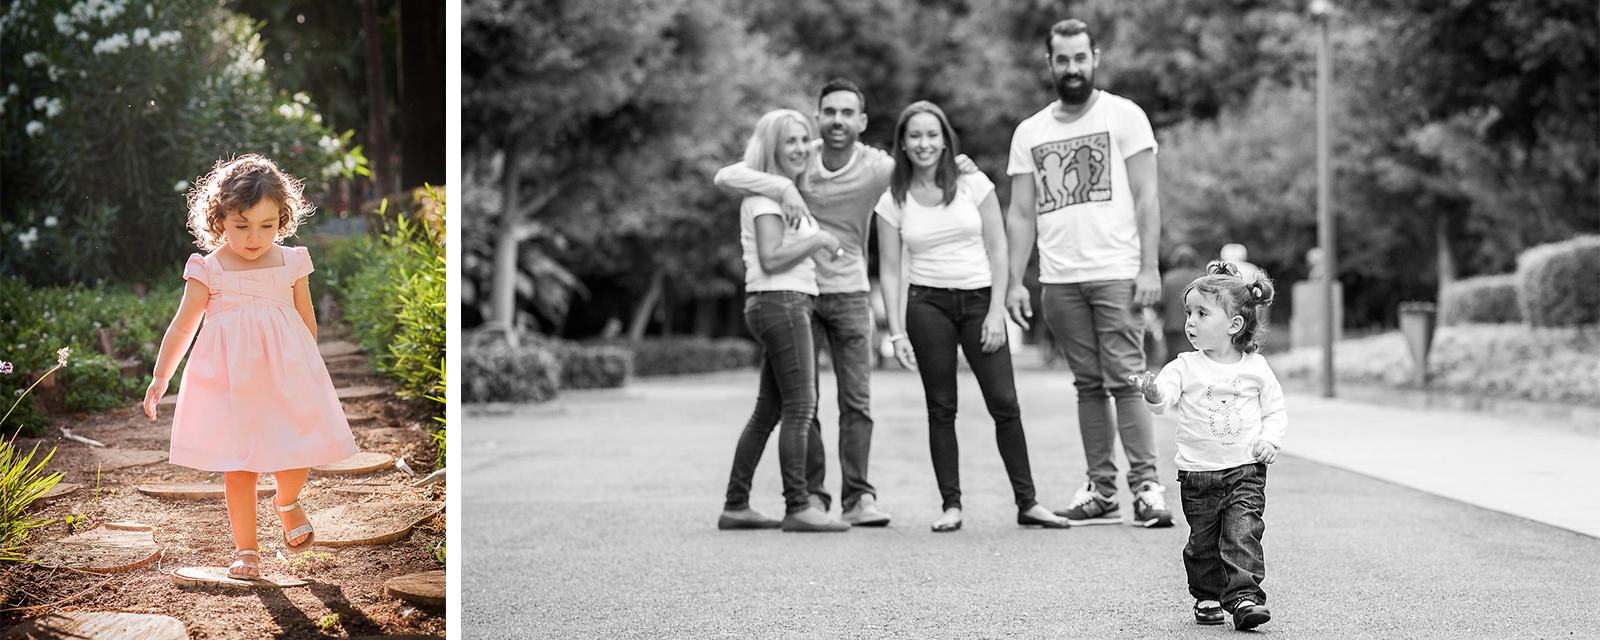 Fotografía con familia.